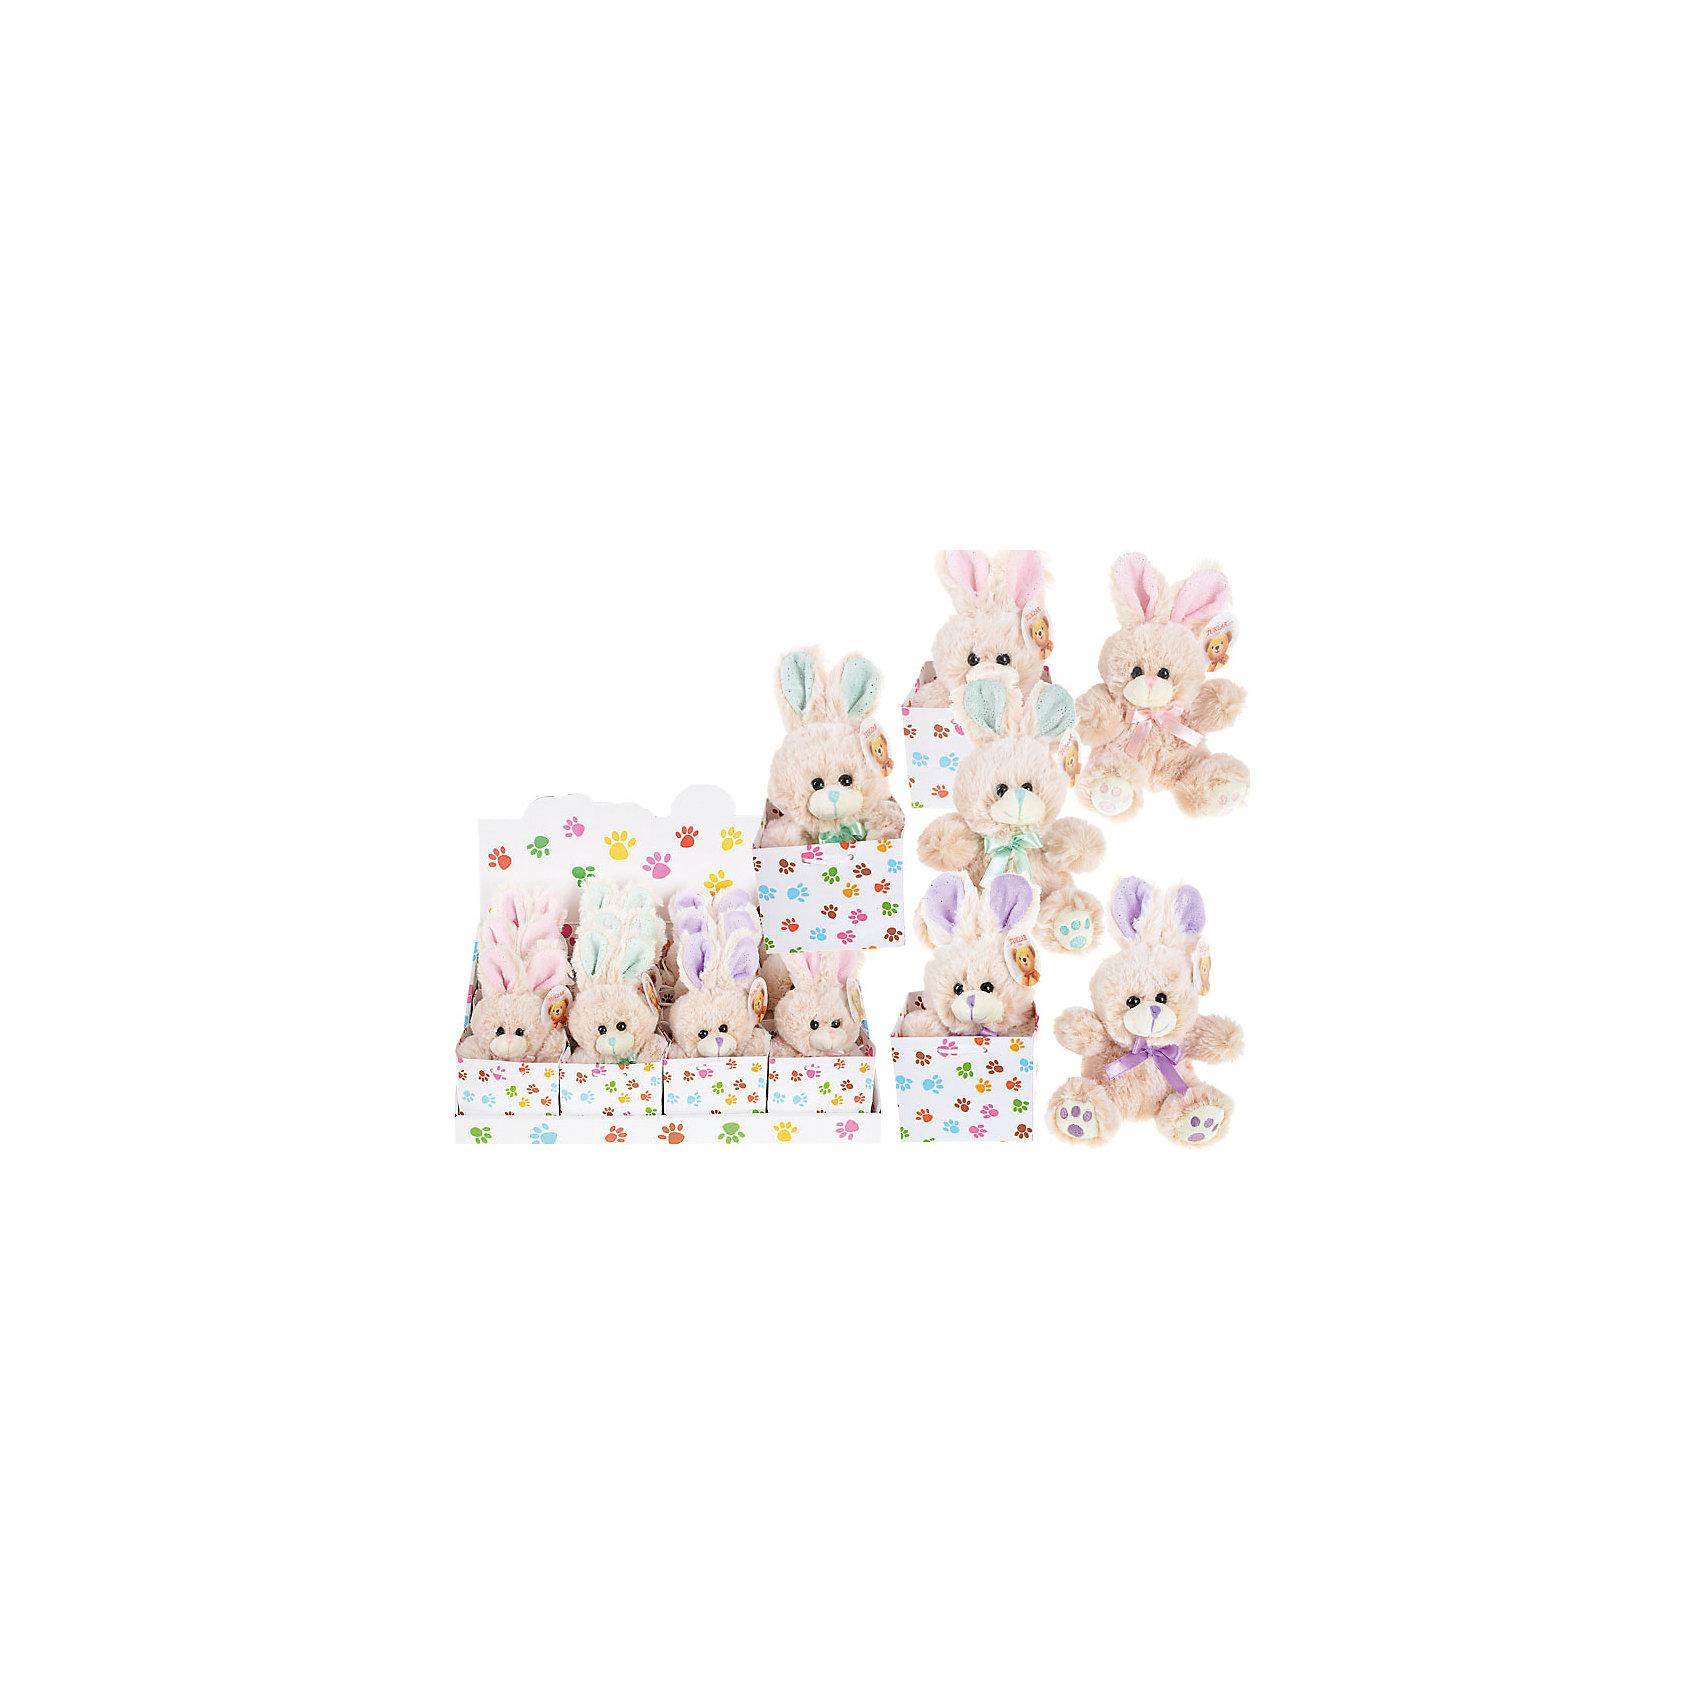 Мягкая игрушка ЗайчикЗайцы и кролики<br>Очаровательный мягкий зайчик - прекрасный подарок на любой праздник. Дети обожают мягкие игрушки и всегда будут рады новому плюшевому или меховому другу! Игрушка выполнена из высококачественных экологичных материалов, плотно набита, приятна на ощупь. <br><br>Дополнительная информация:<br><br>- Материал: текстиль, пластик, синтепон.<br>- Размер: 7,5х5х15 см. <br><br>Мягкую игрушку Зайчик можно купить в нашем магазине.<br><br>Ширина мм: 110<br>Глубина мм: 110<br>Высота мм: 170<br>Вес г: 98<br>Возраст от месяцев: 36<br>Возраст до месяцев: 144<br>Пол: Унисекс<br>Возраст: Детский<br>SKU: 4558389